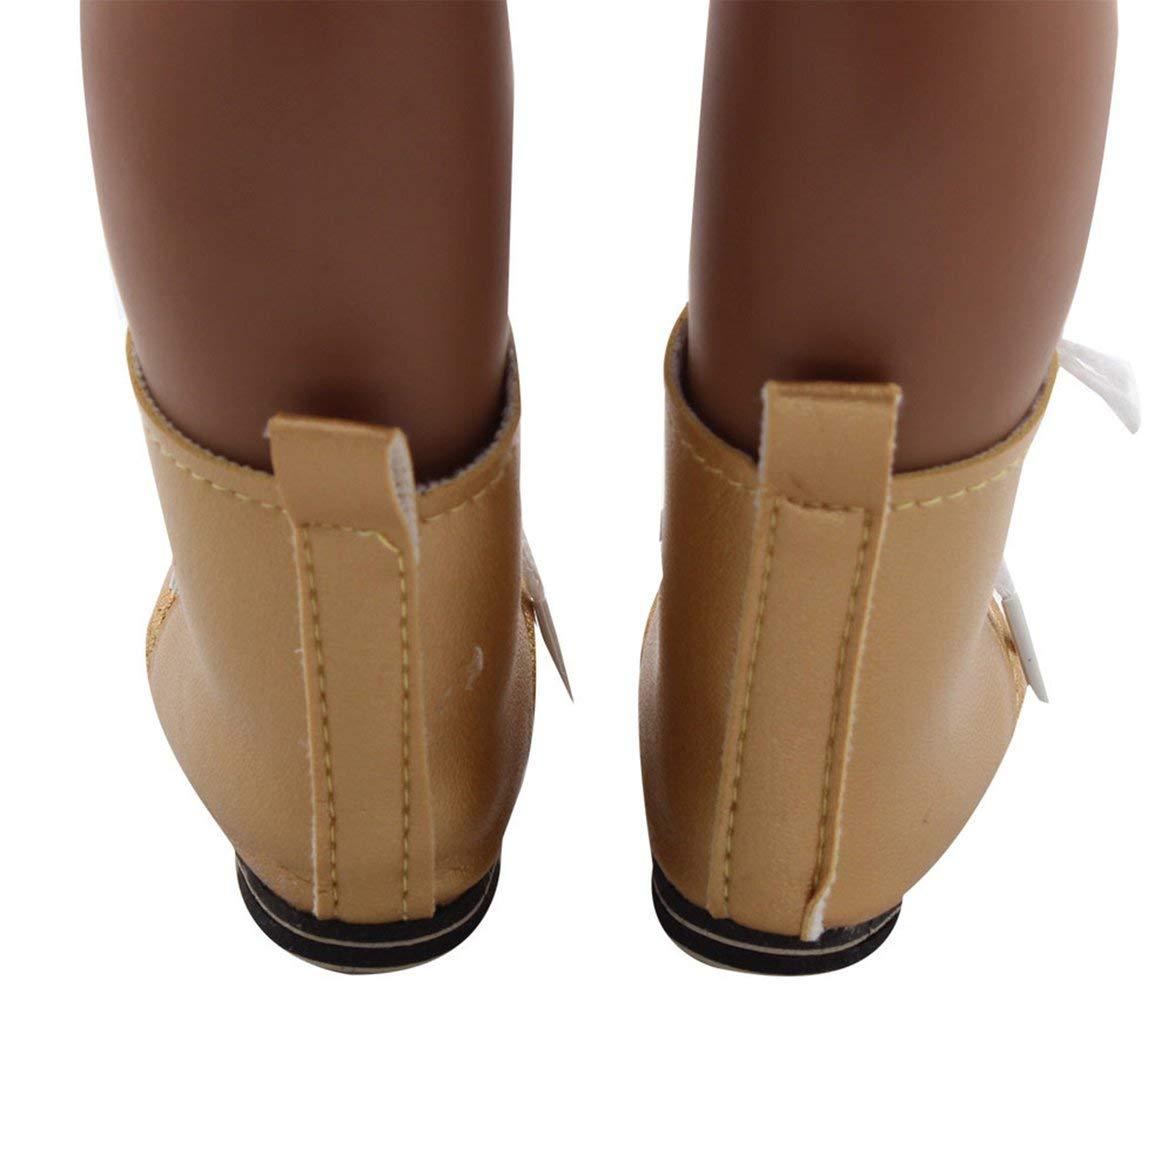 Puppen & Zubehör Kongqiabona 18 Zoll Mädchen Puppe Schuhe